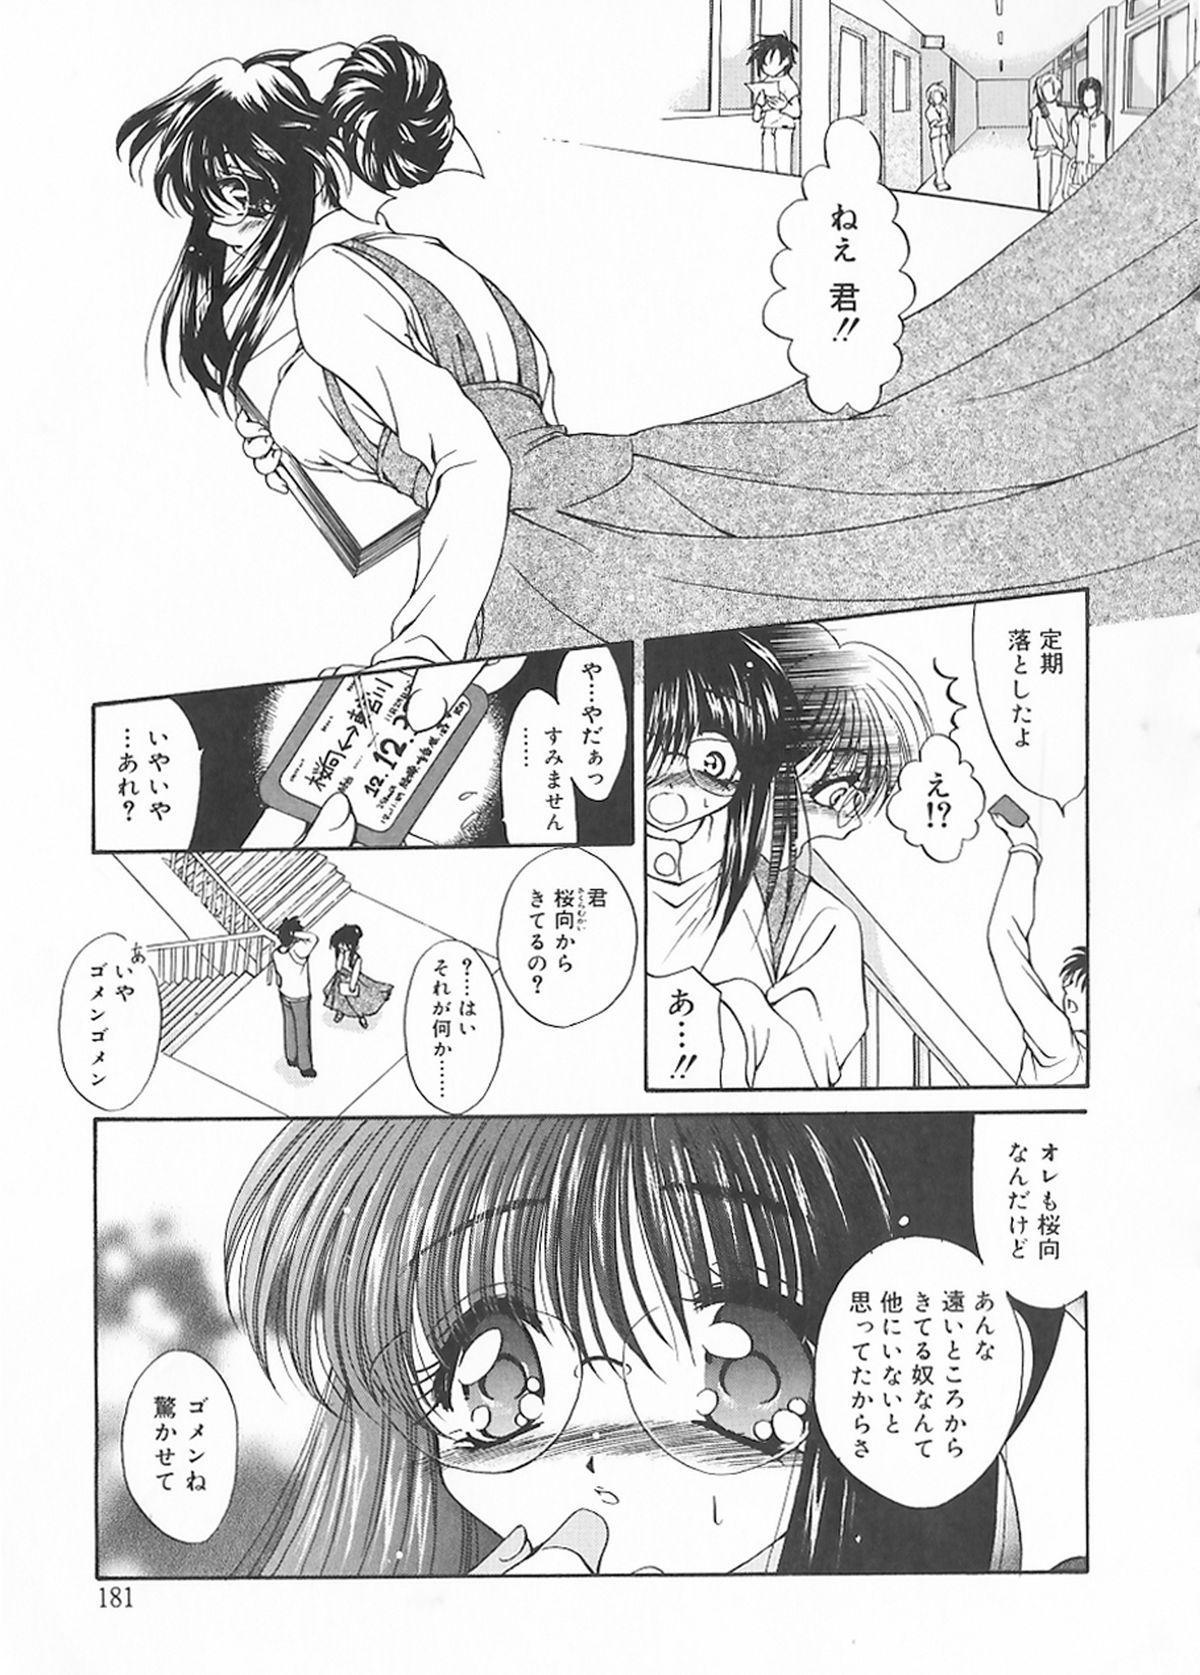 Cream Tengoku - Shinsouban 178